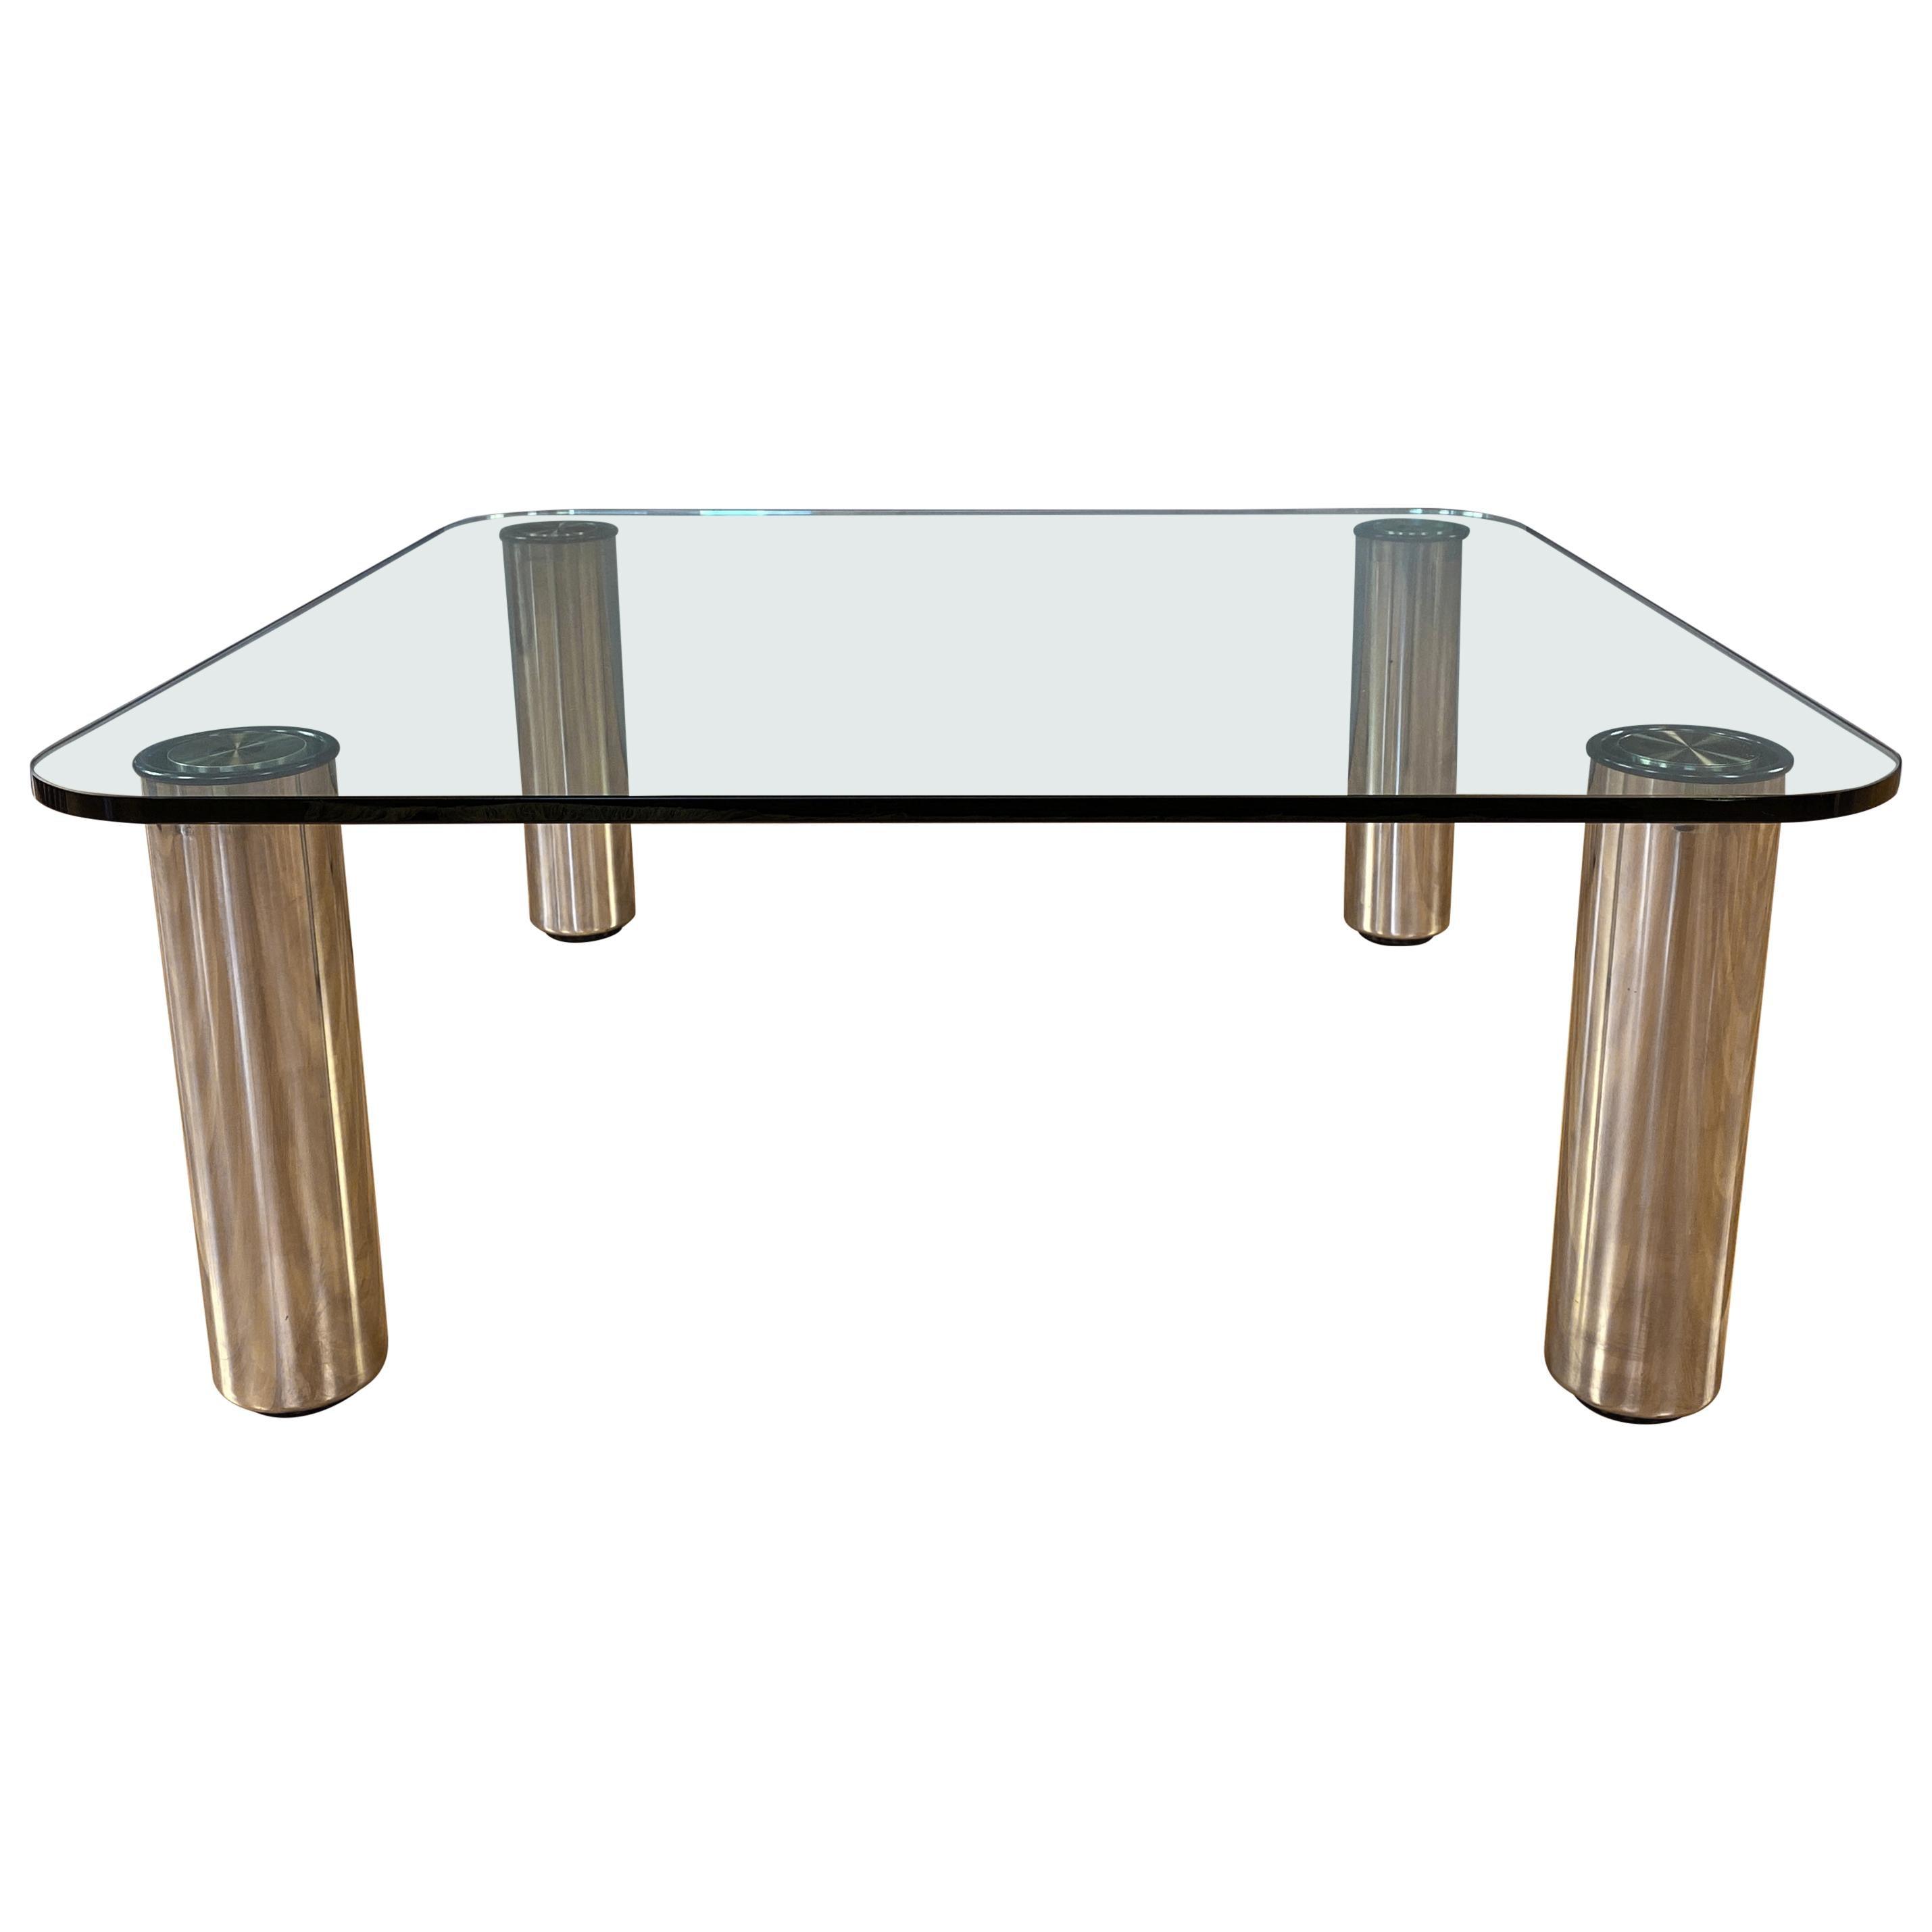 Marco Zanuso for Zanotta Marcuso Steel and Glass Coffee Table, 1970